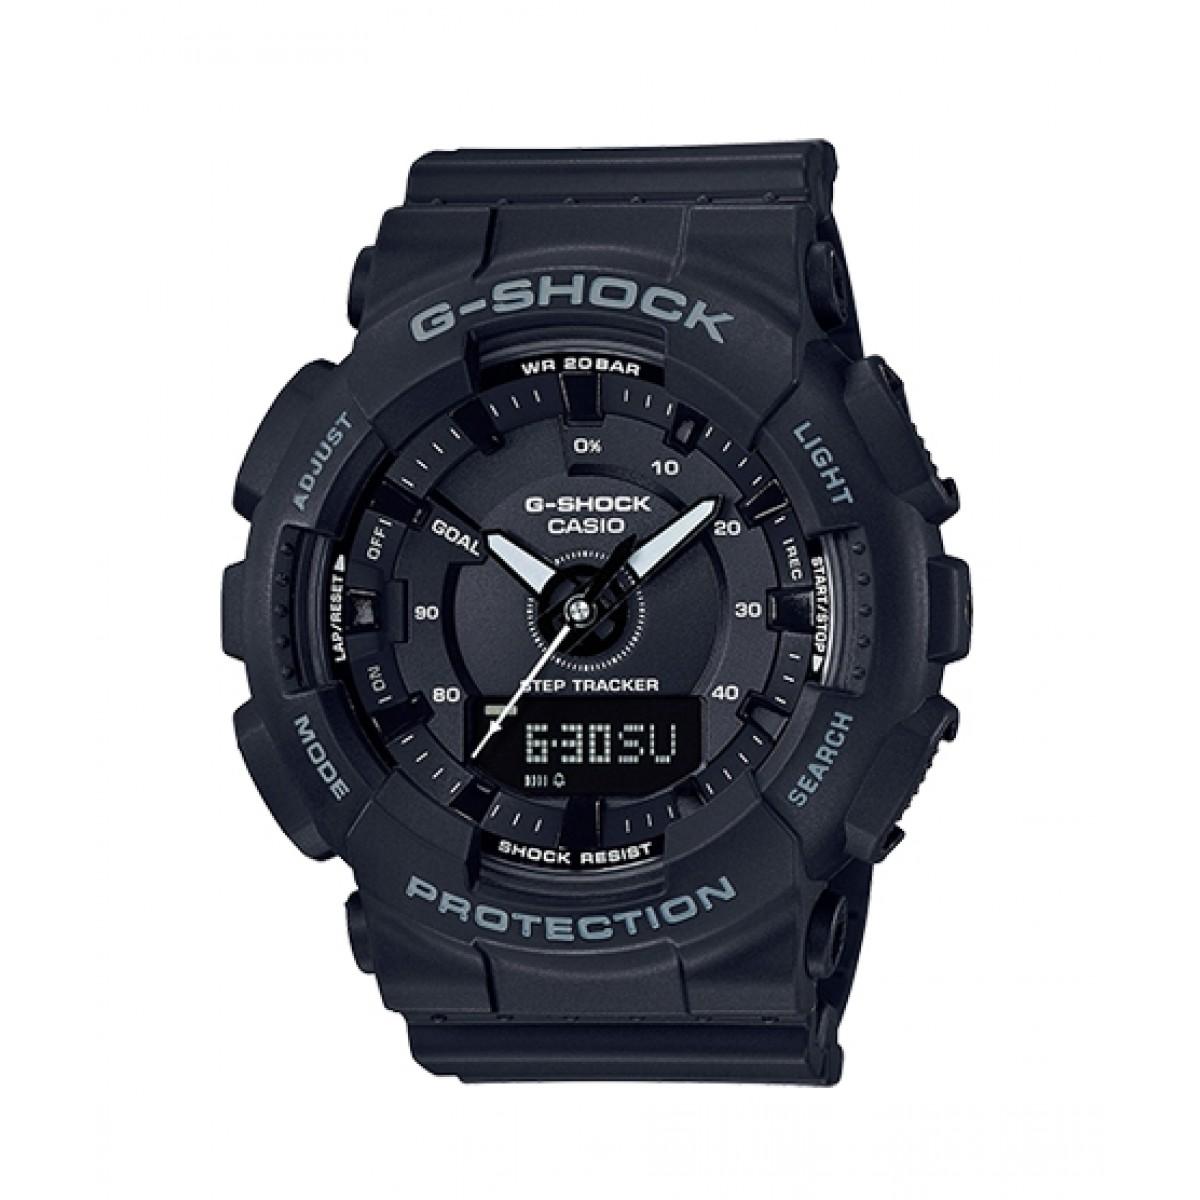 Casio G-Shock S Series Women's Watch Price in Pakistan | Buy Casio Women's  Watch (GMAS130-1A) | iShopping.pk